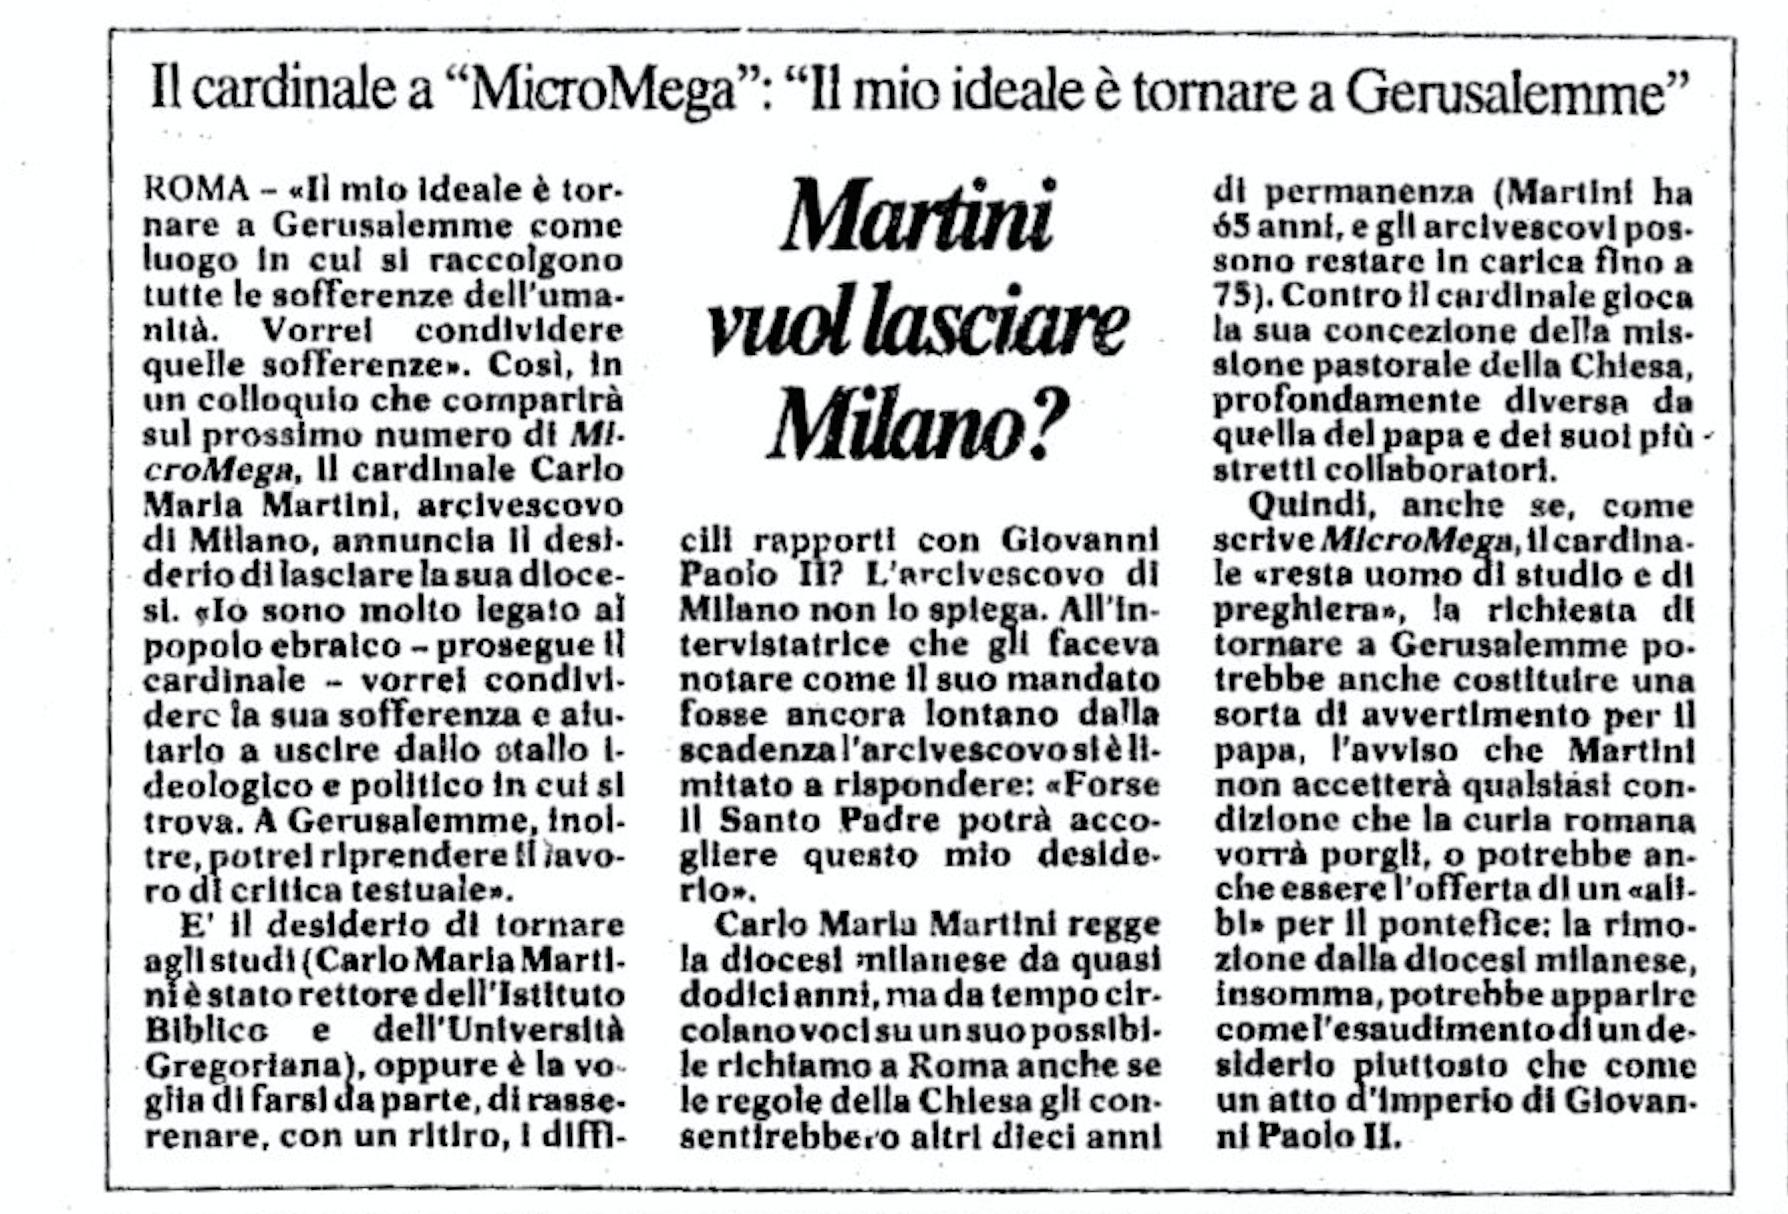 La Repubblica 1991